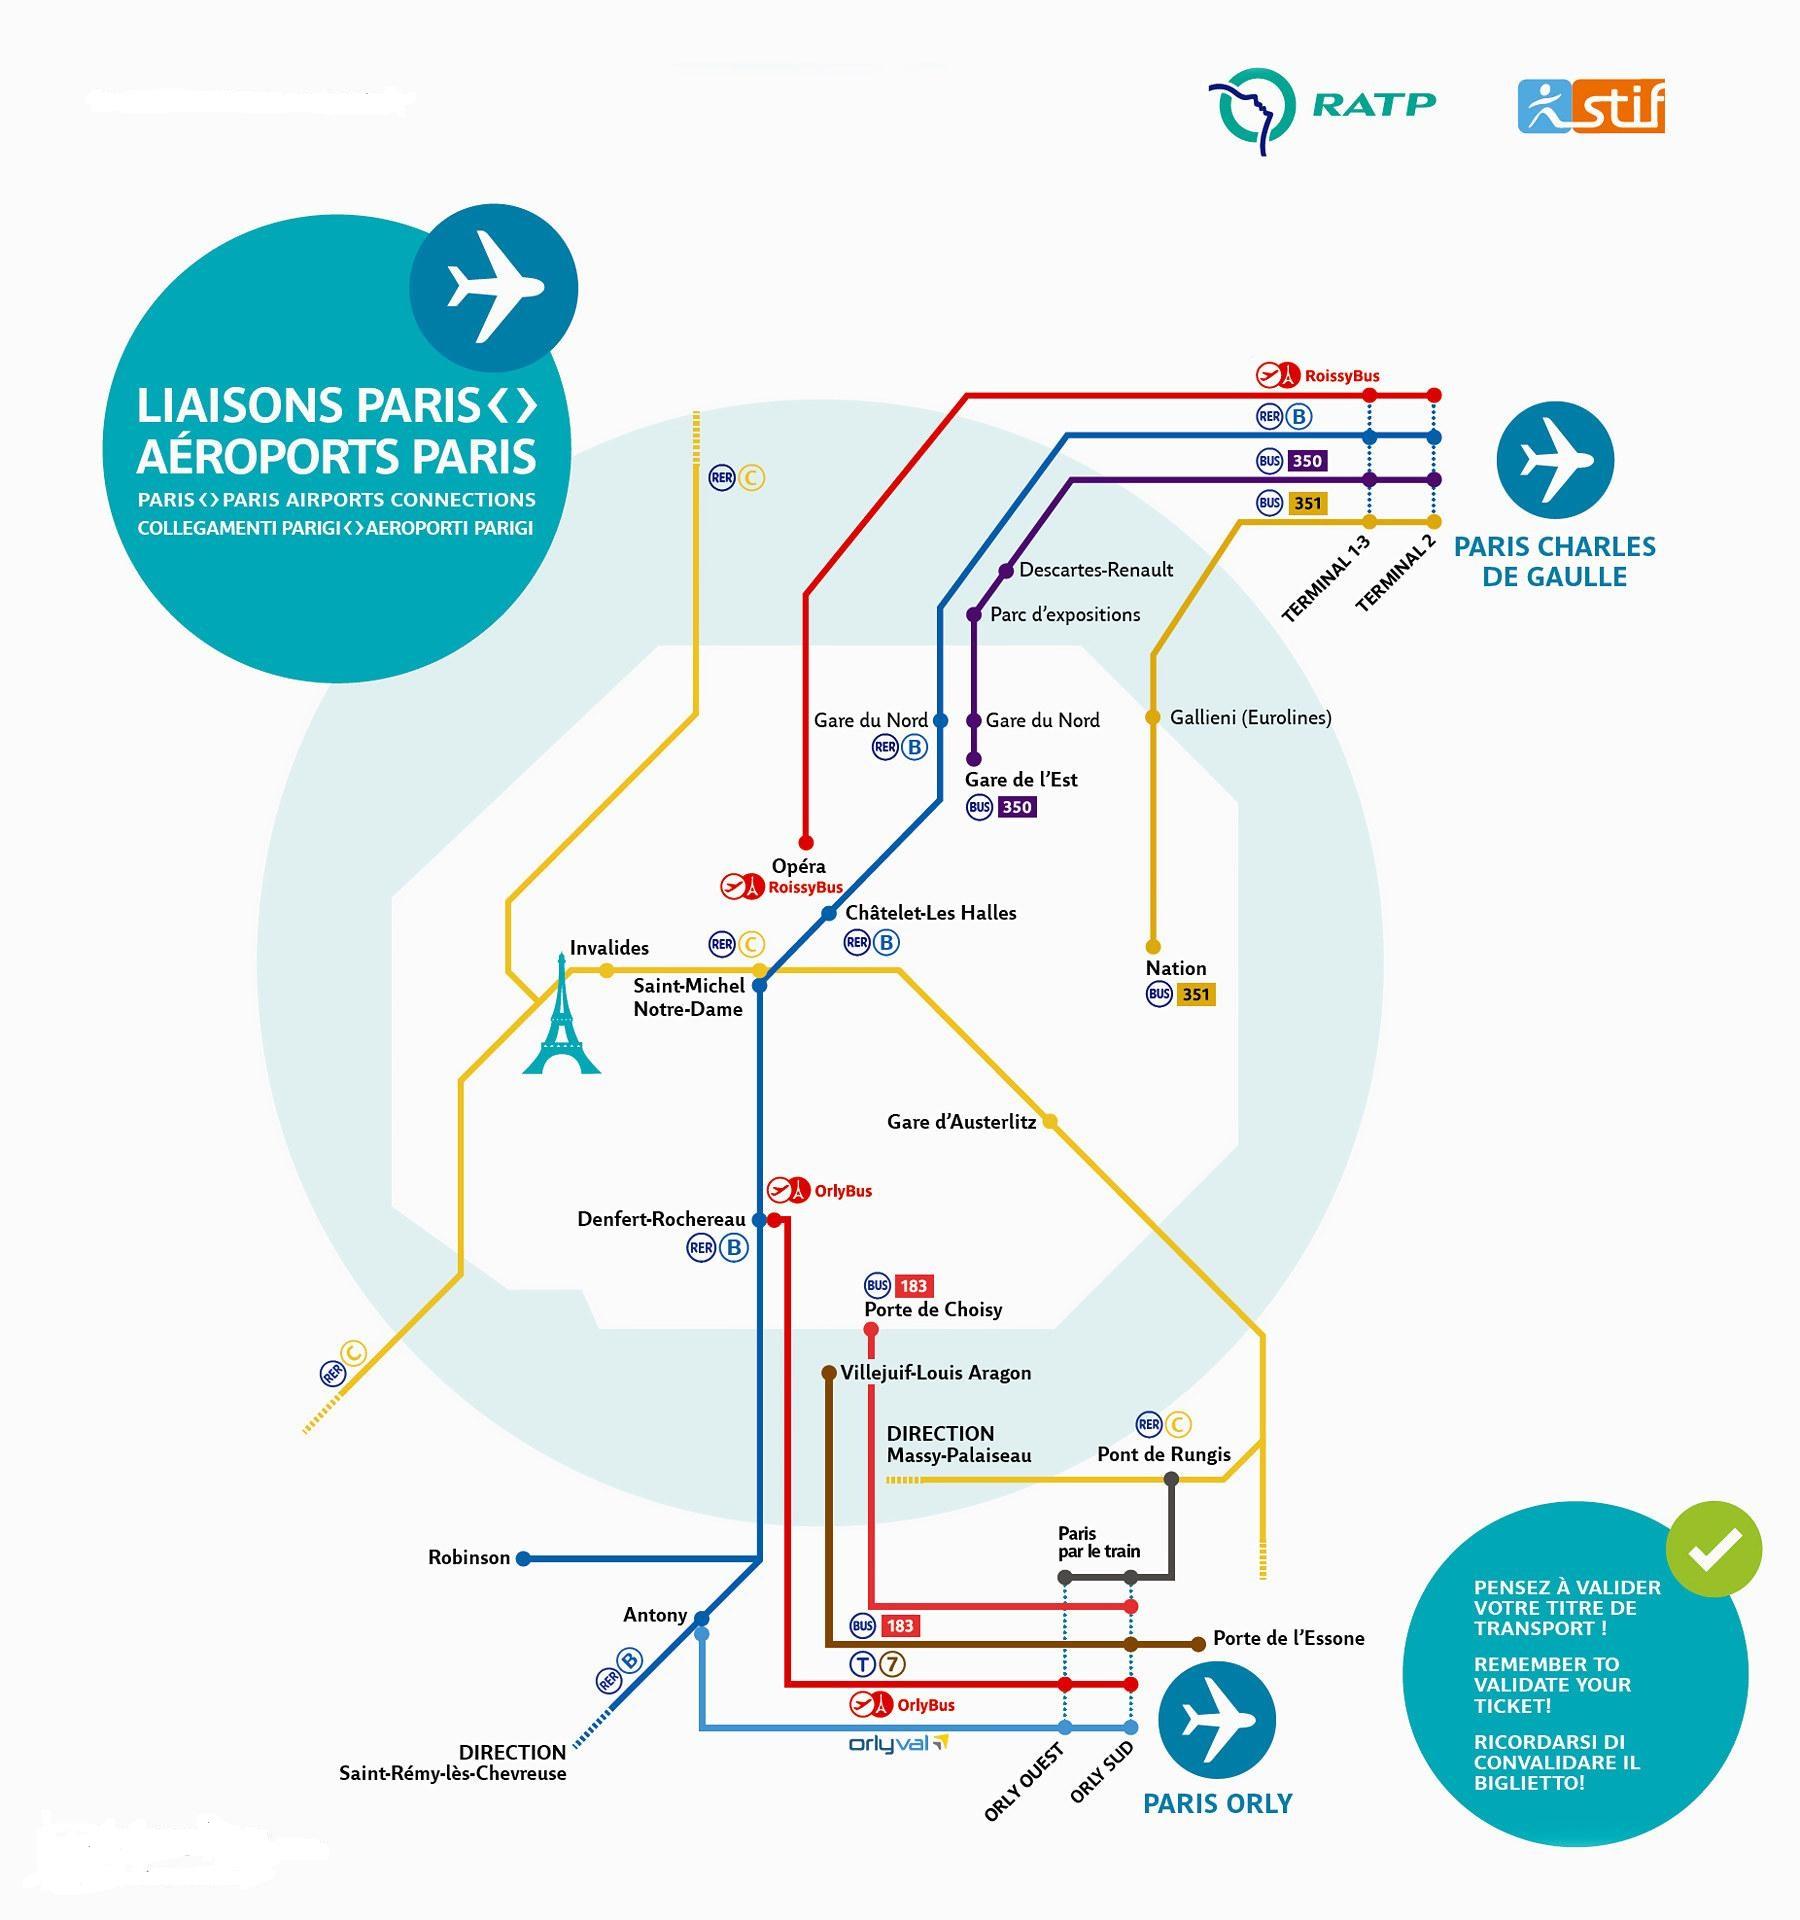 схема метро парижа с достопримечательностями на русском языке